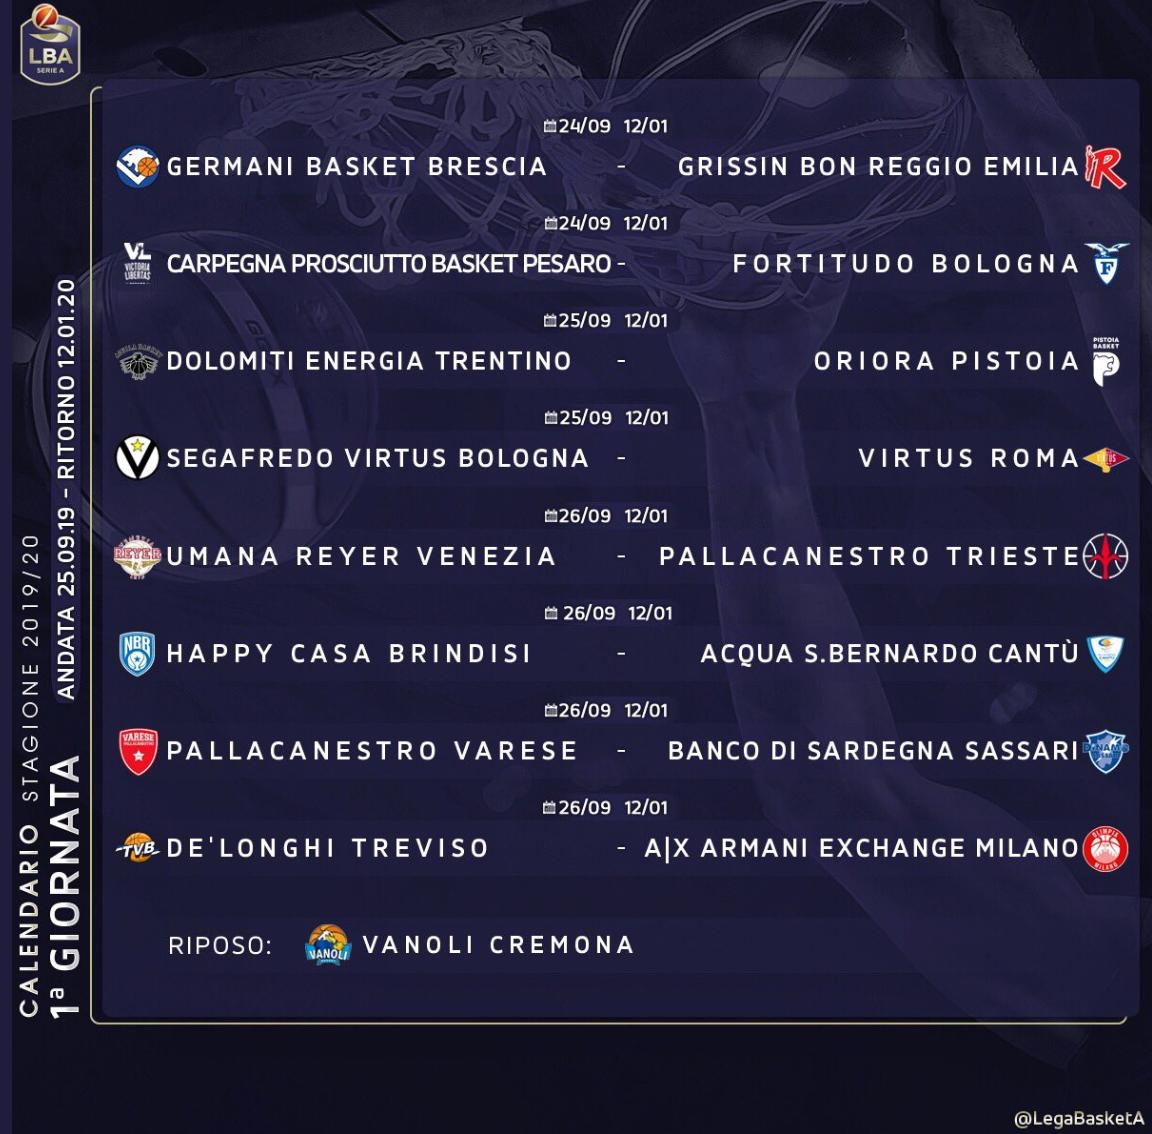 Calendario Serie A 2020 20 Sky.Serie A Il Calendario Della Stagione 2019 2020